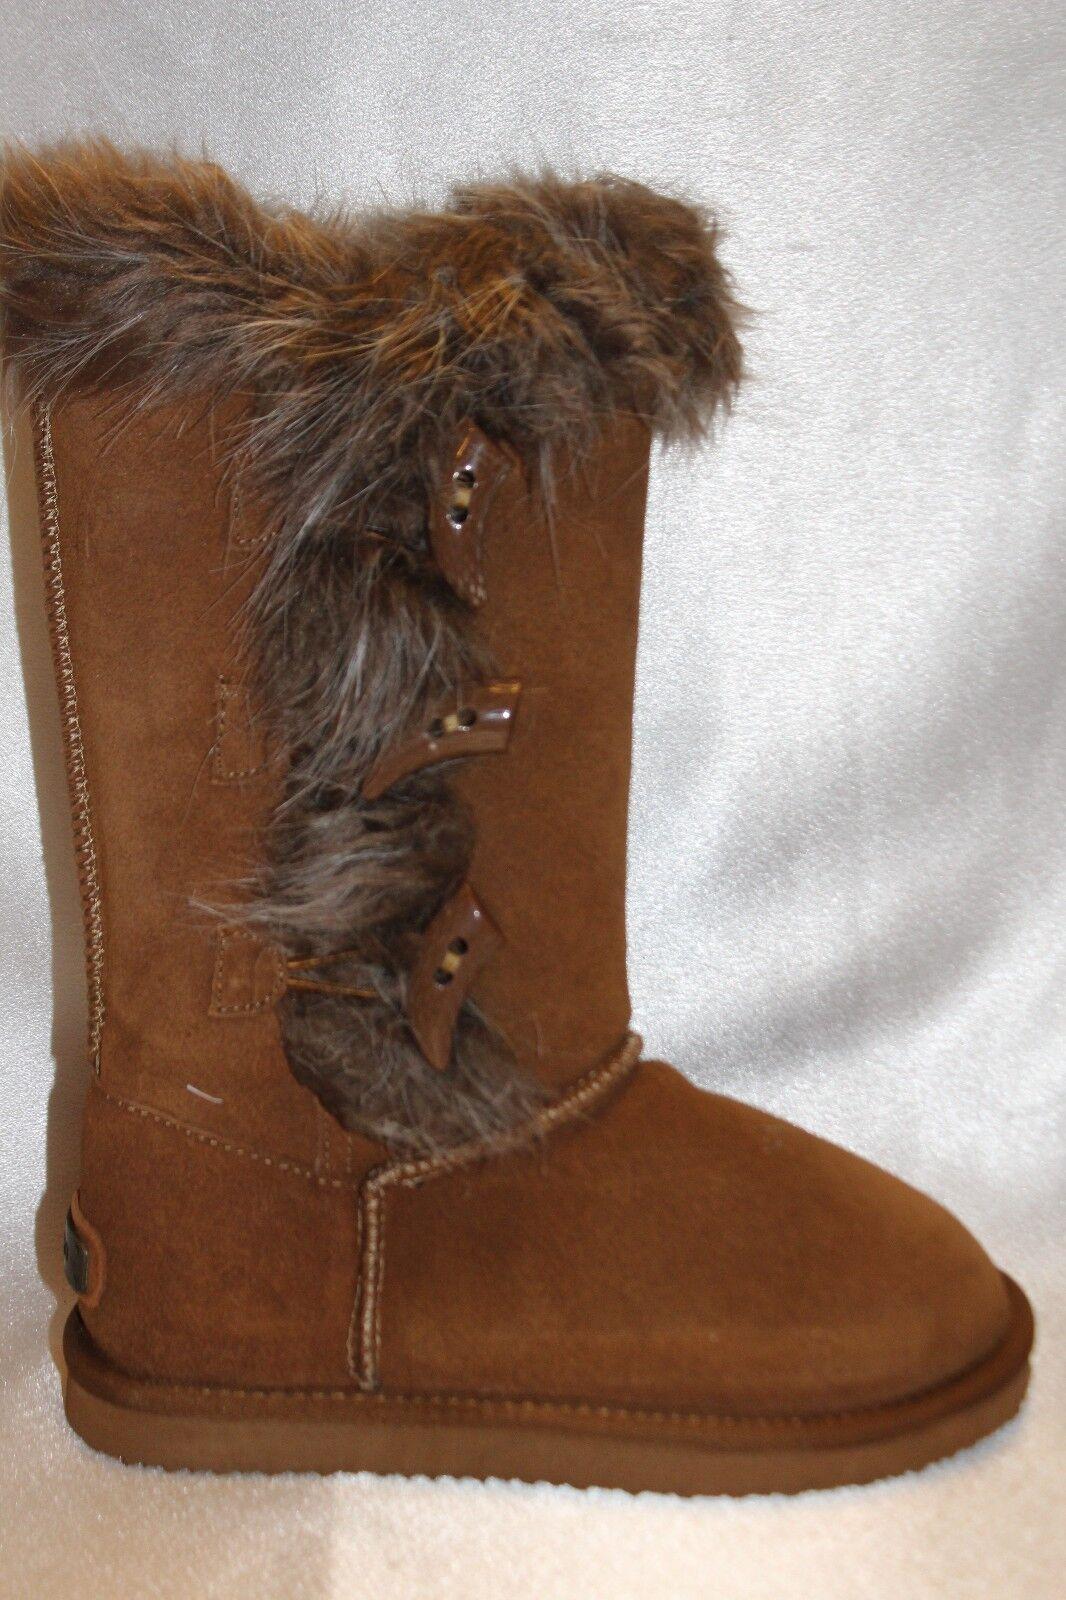 NIB  NEW  K'VRRA K'VRRA K'VRRA by Koolaburra Tall Chestnut Suede ALEXANDRA Fur Cuff Stiefel Sz 6 47f8f7